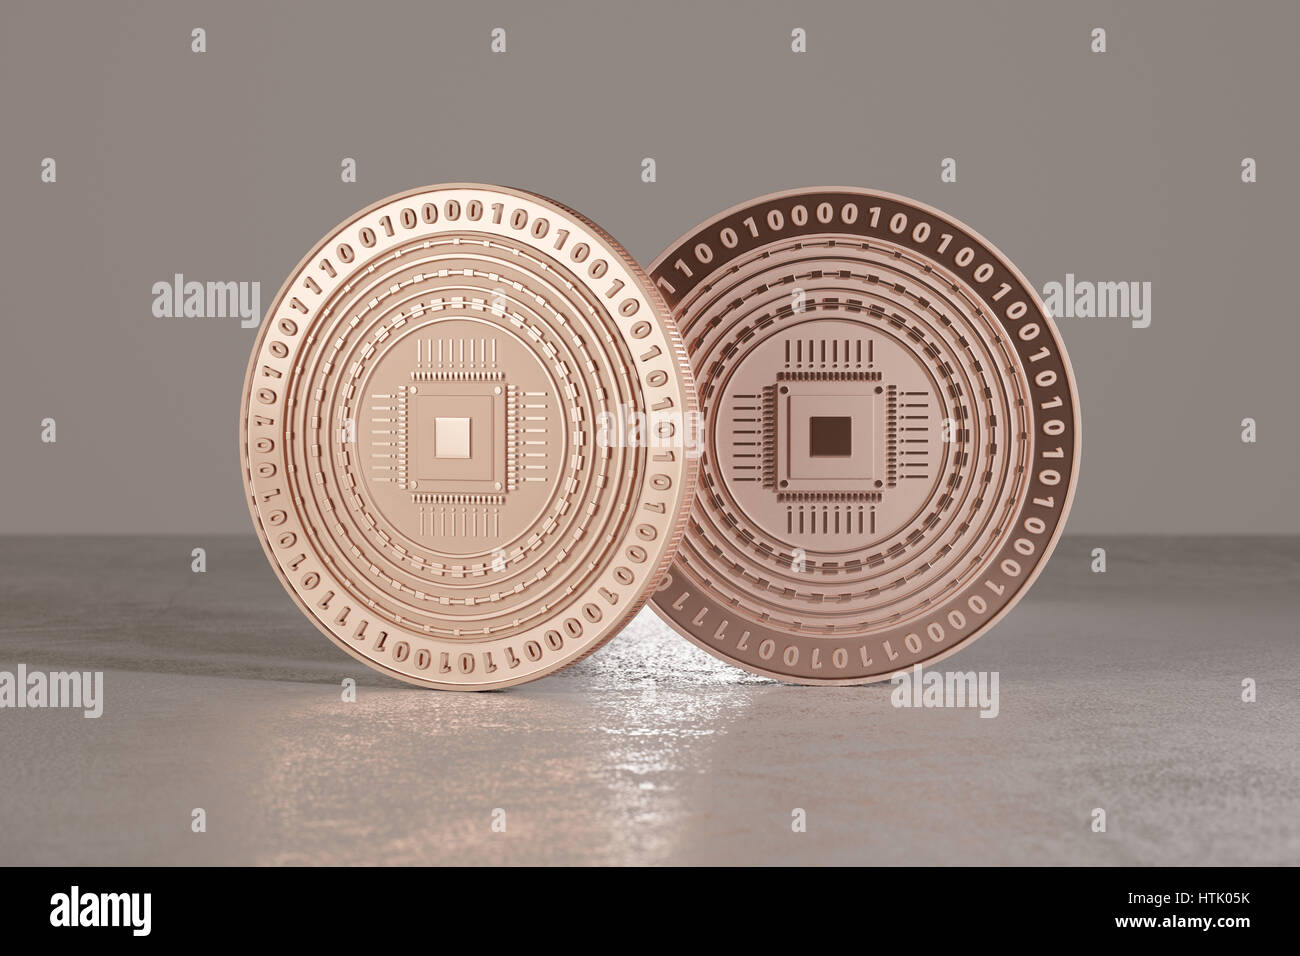 Digital cobre monedas en suelo metálico como ejemplo para bitcoins, fin-tech o de banca en línea Foto de stock